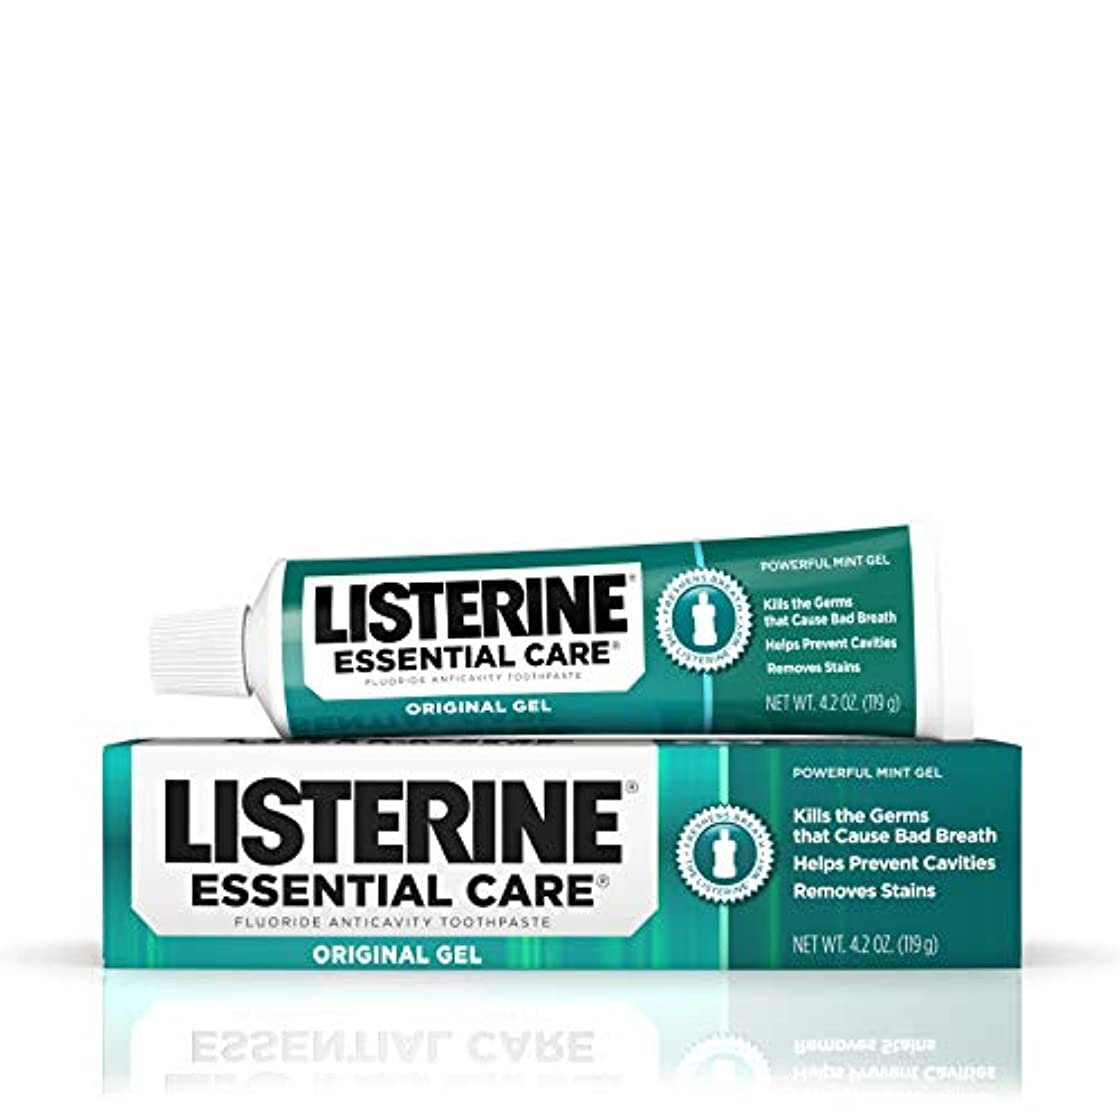 からに変化する取り囲むアライアンス海外直送品Listerine Essential Care Toothpaste Gel Original, Powerful Mint 4.2 oz by Listerine